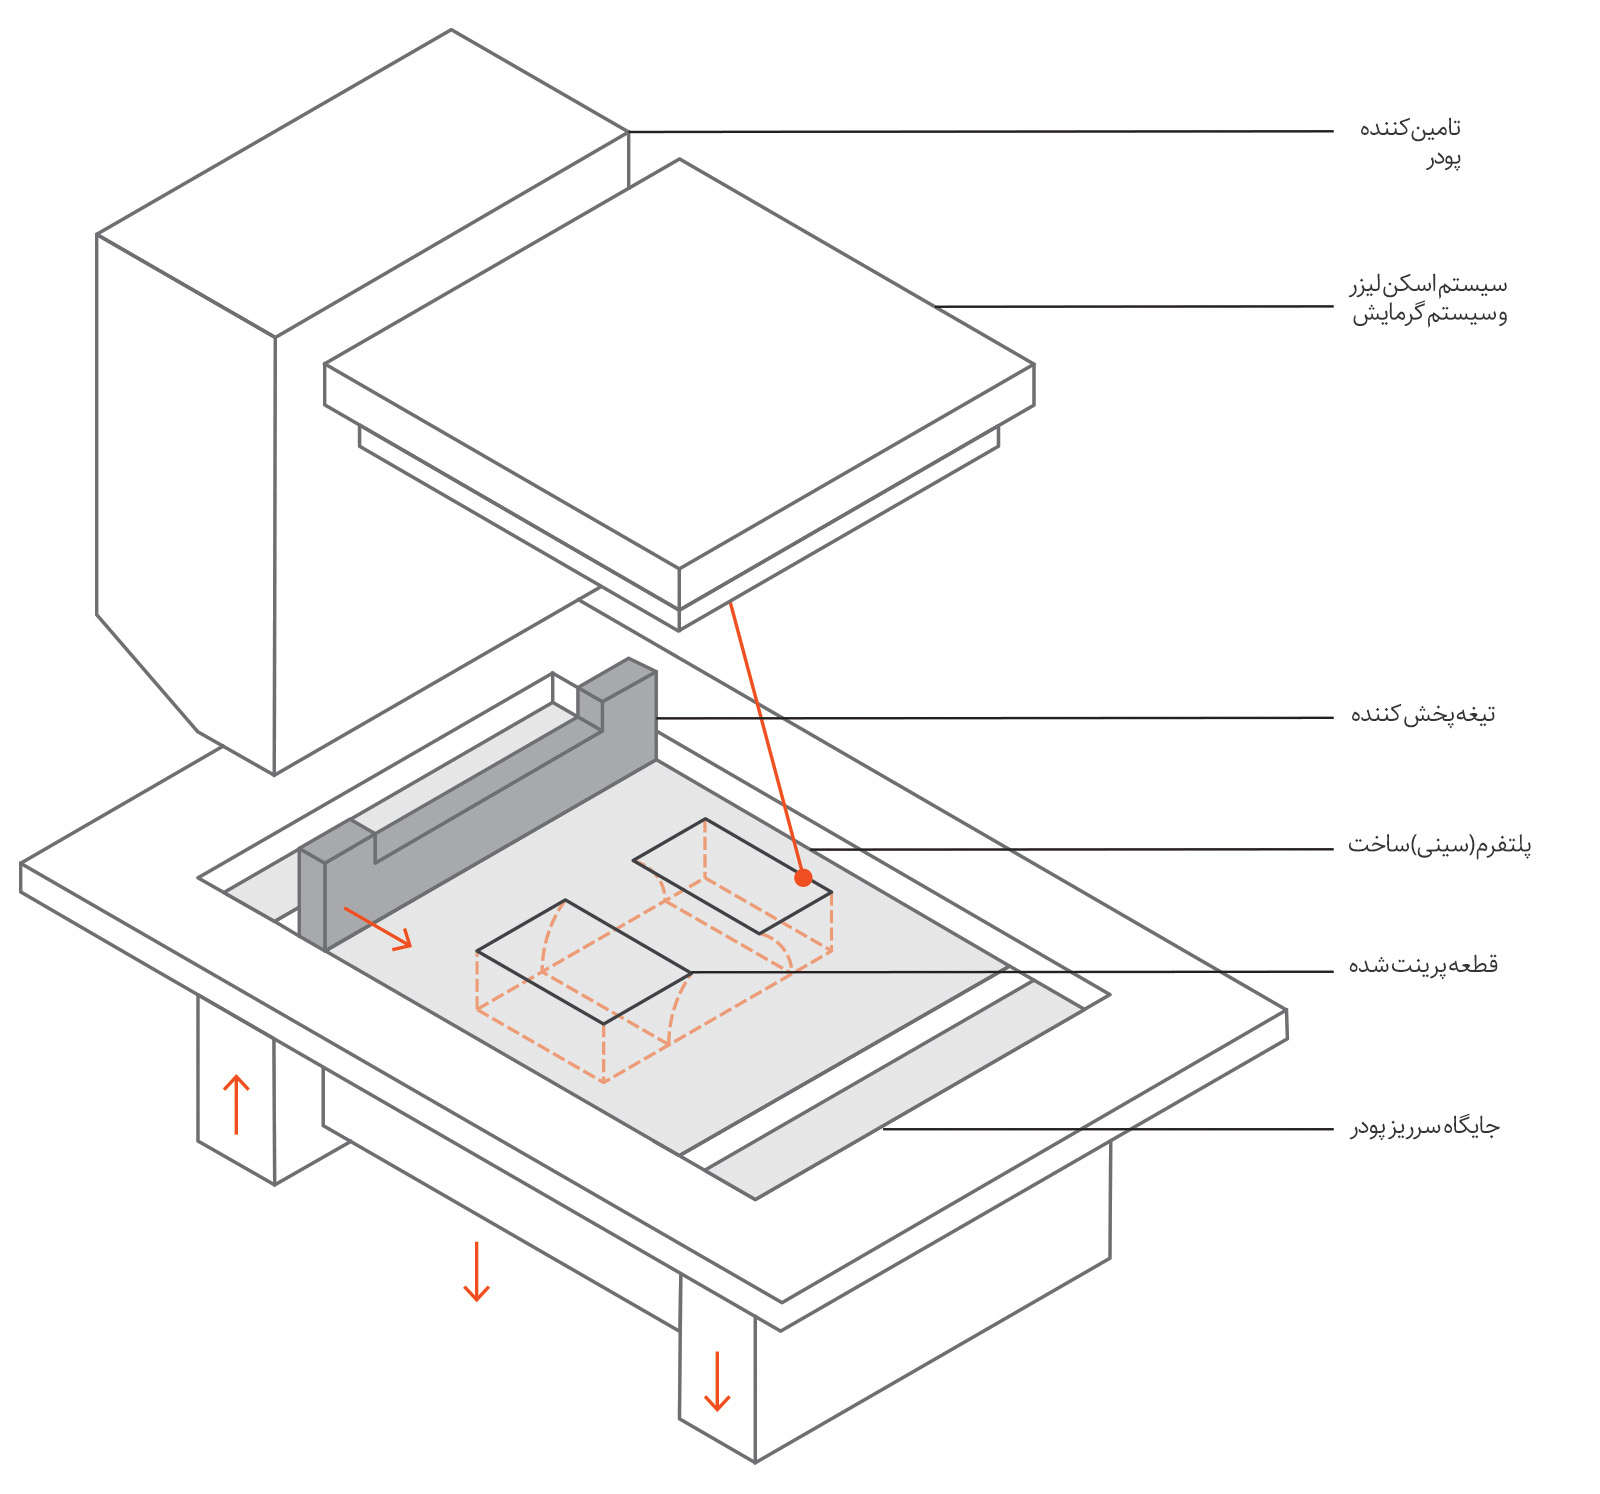 نمای شماتیک از یک پرینتر سه بعدی SLS